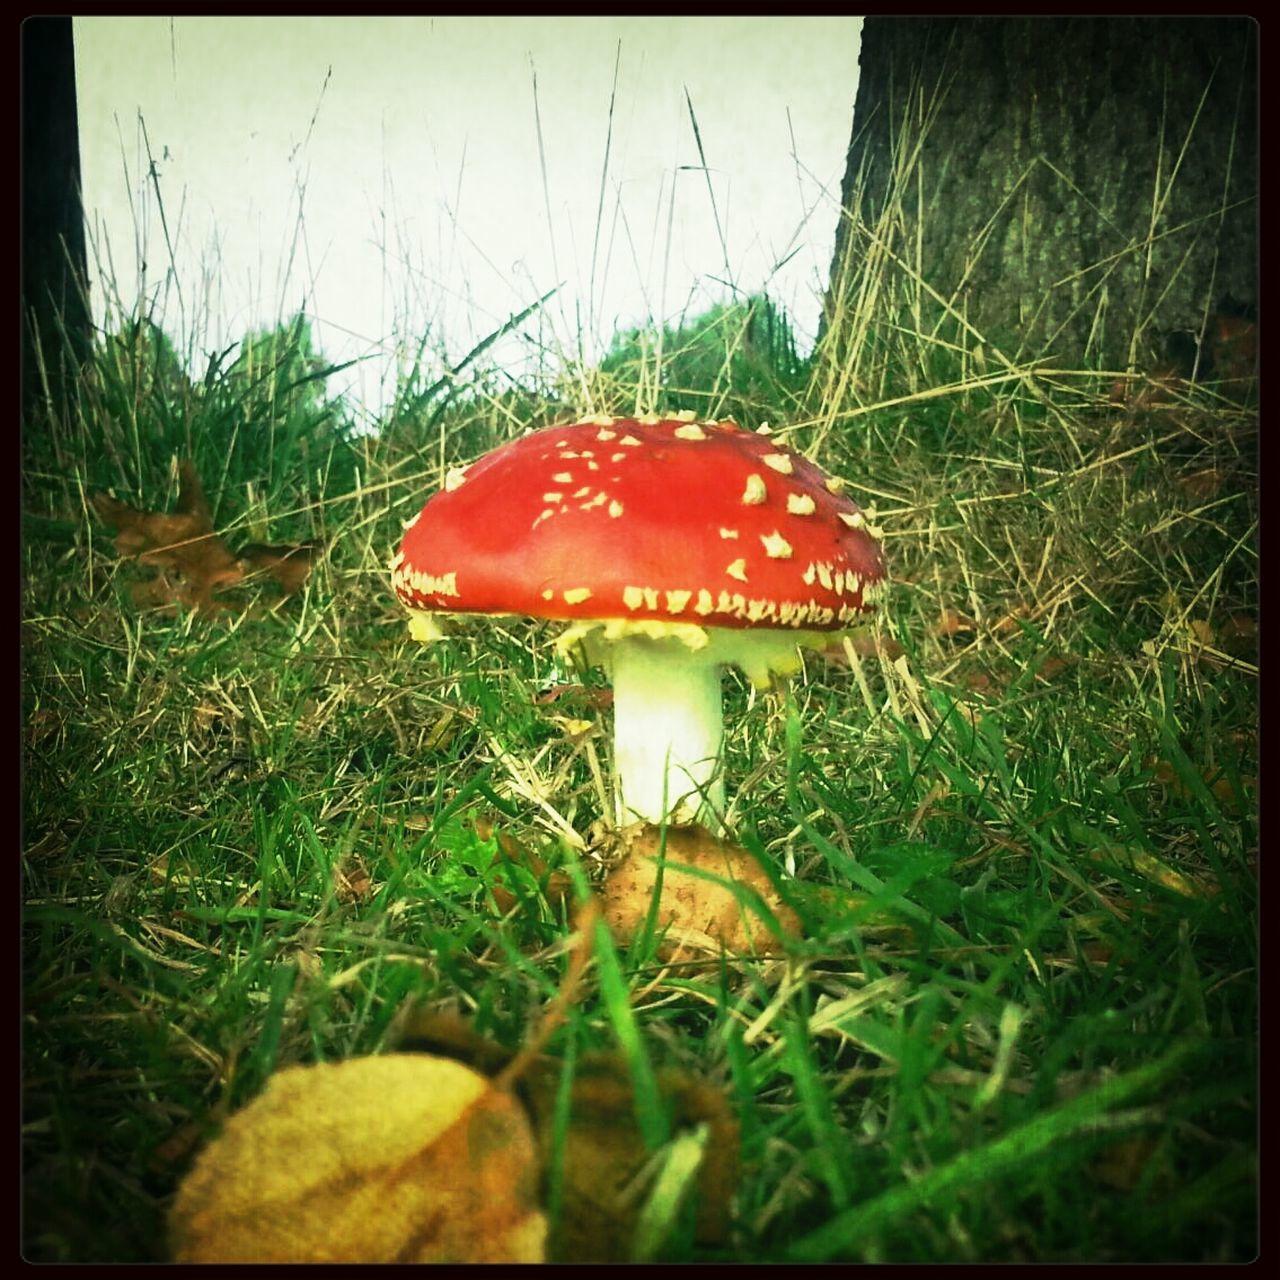 Mushroom Shroomin'